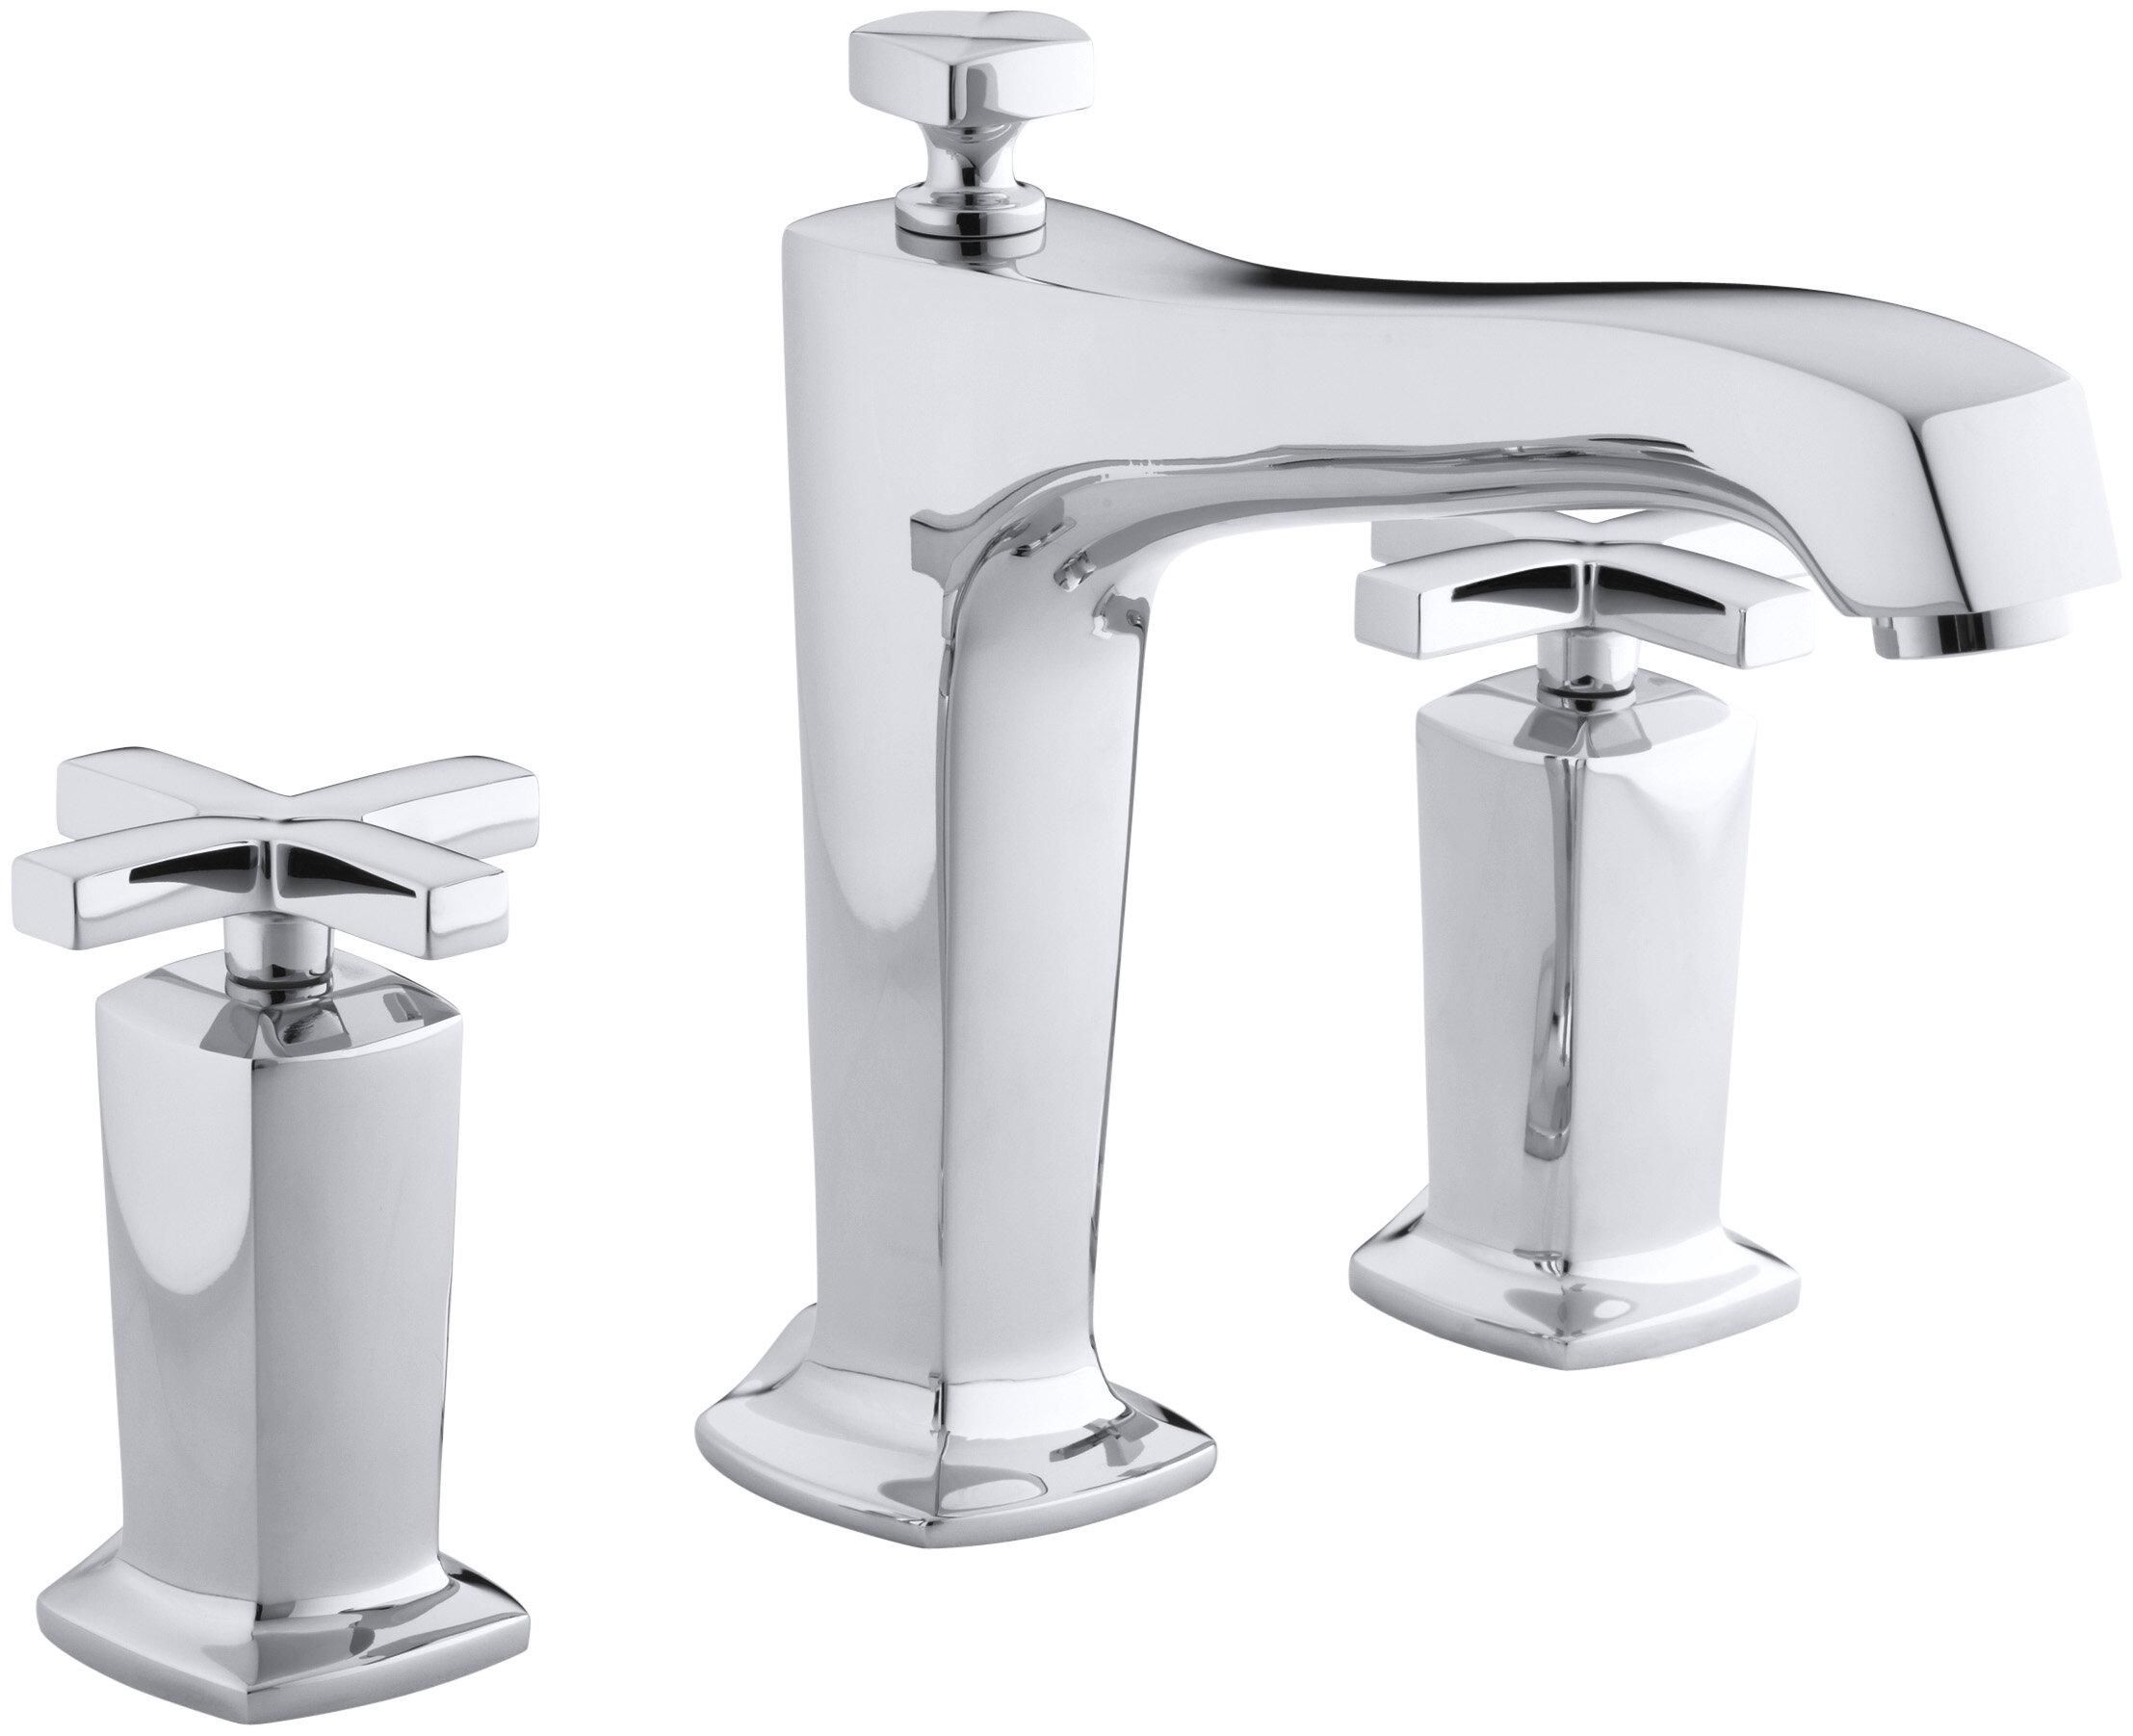 Kohler Margaux Double Handle Deck Mounted Roman Tub Faucet Trim Wayfair